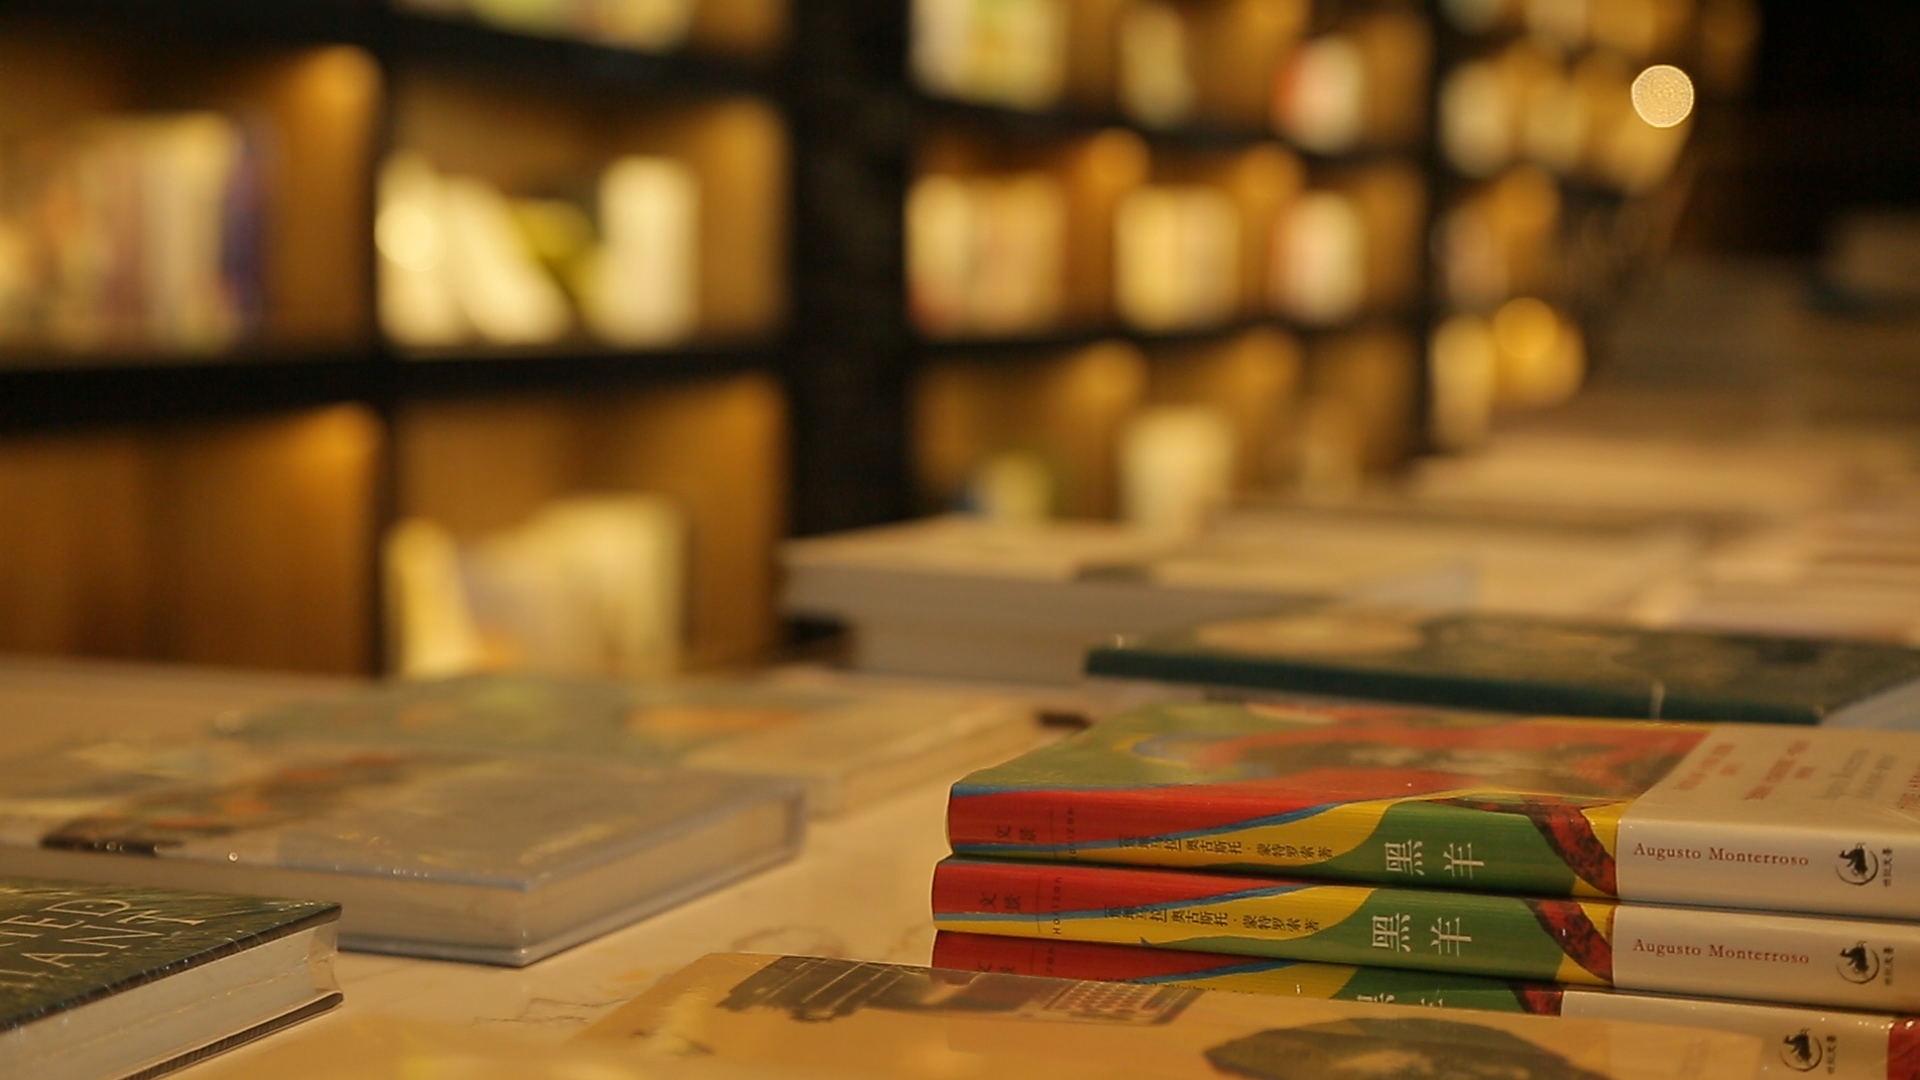 武汉图书馆闭馆维修 更换玻璃顶施工难度大